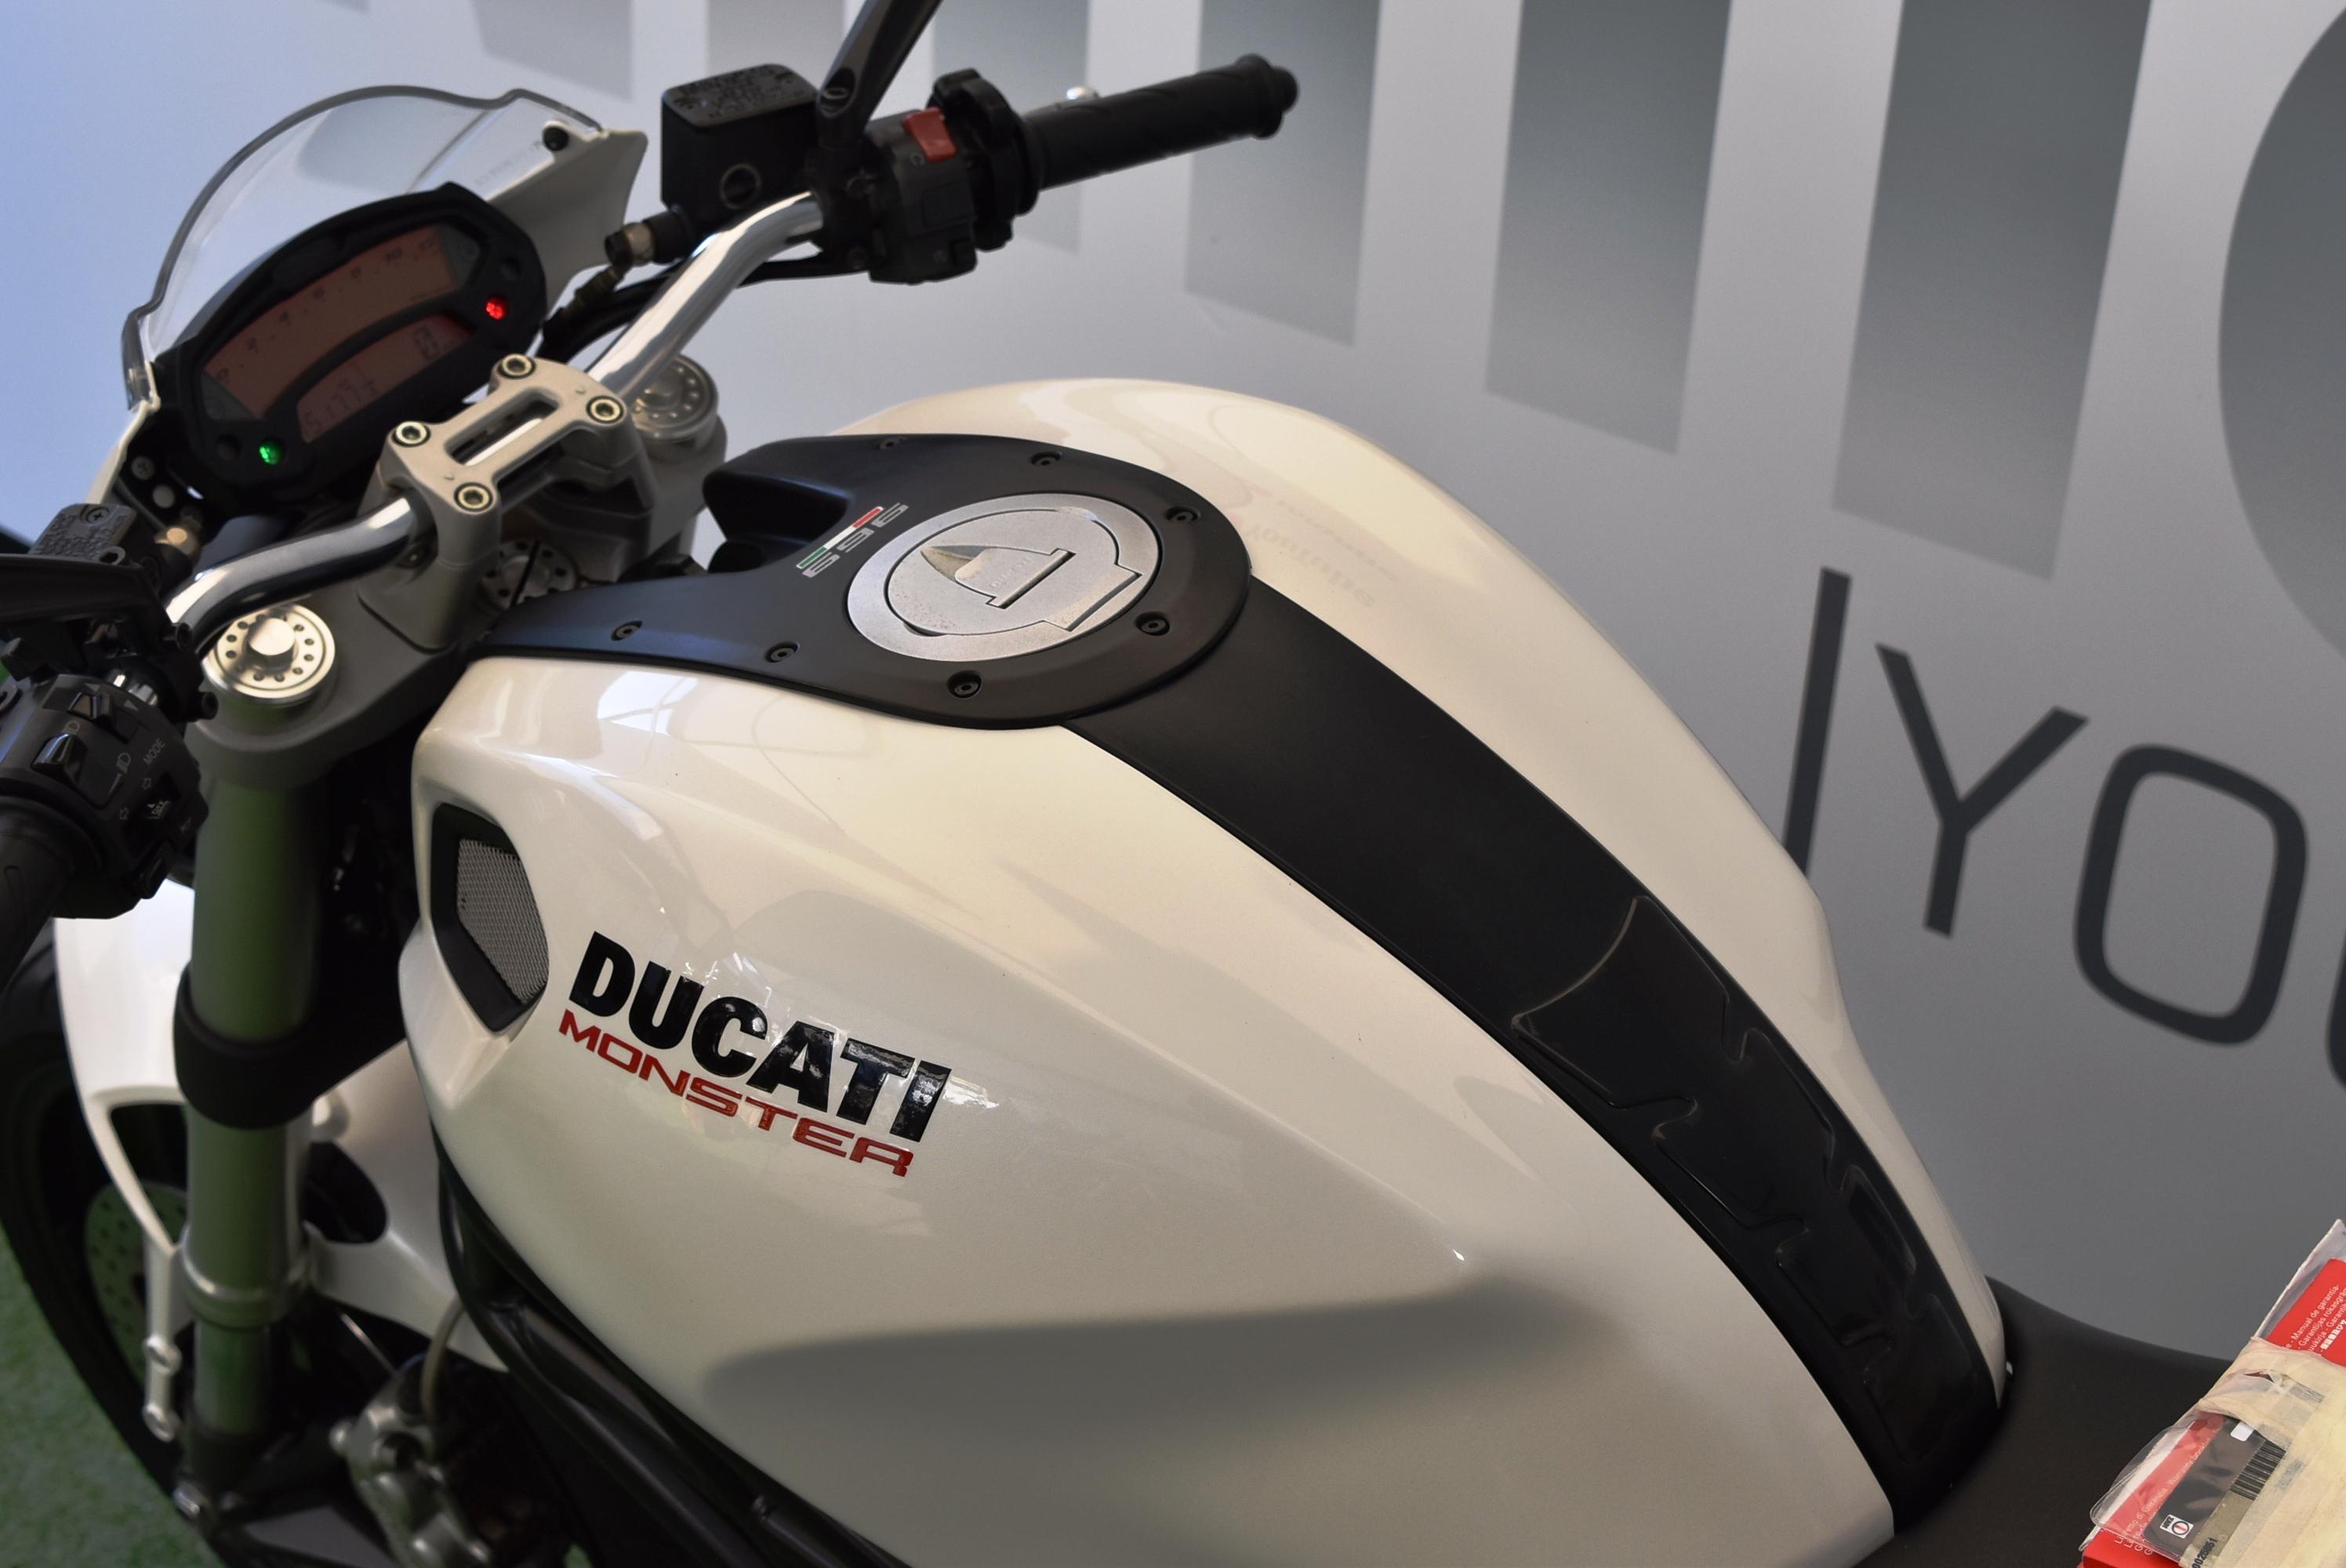 DUCATI MOSNTER 696+ – 2010 PATENTE A2